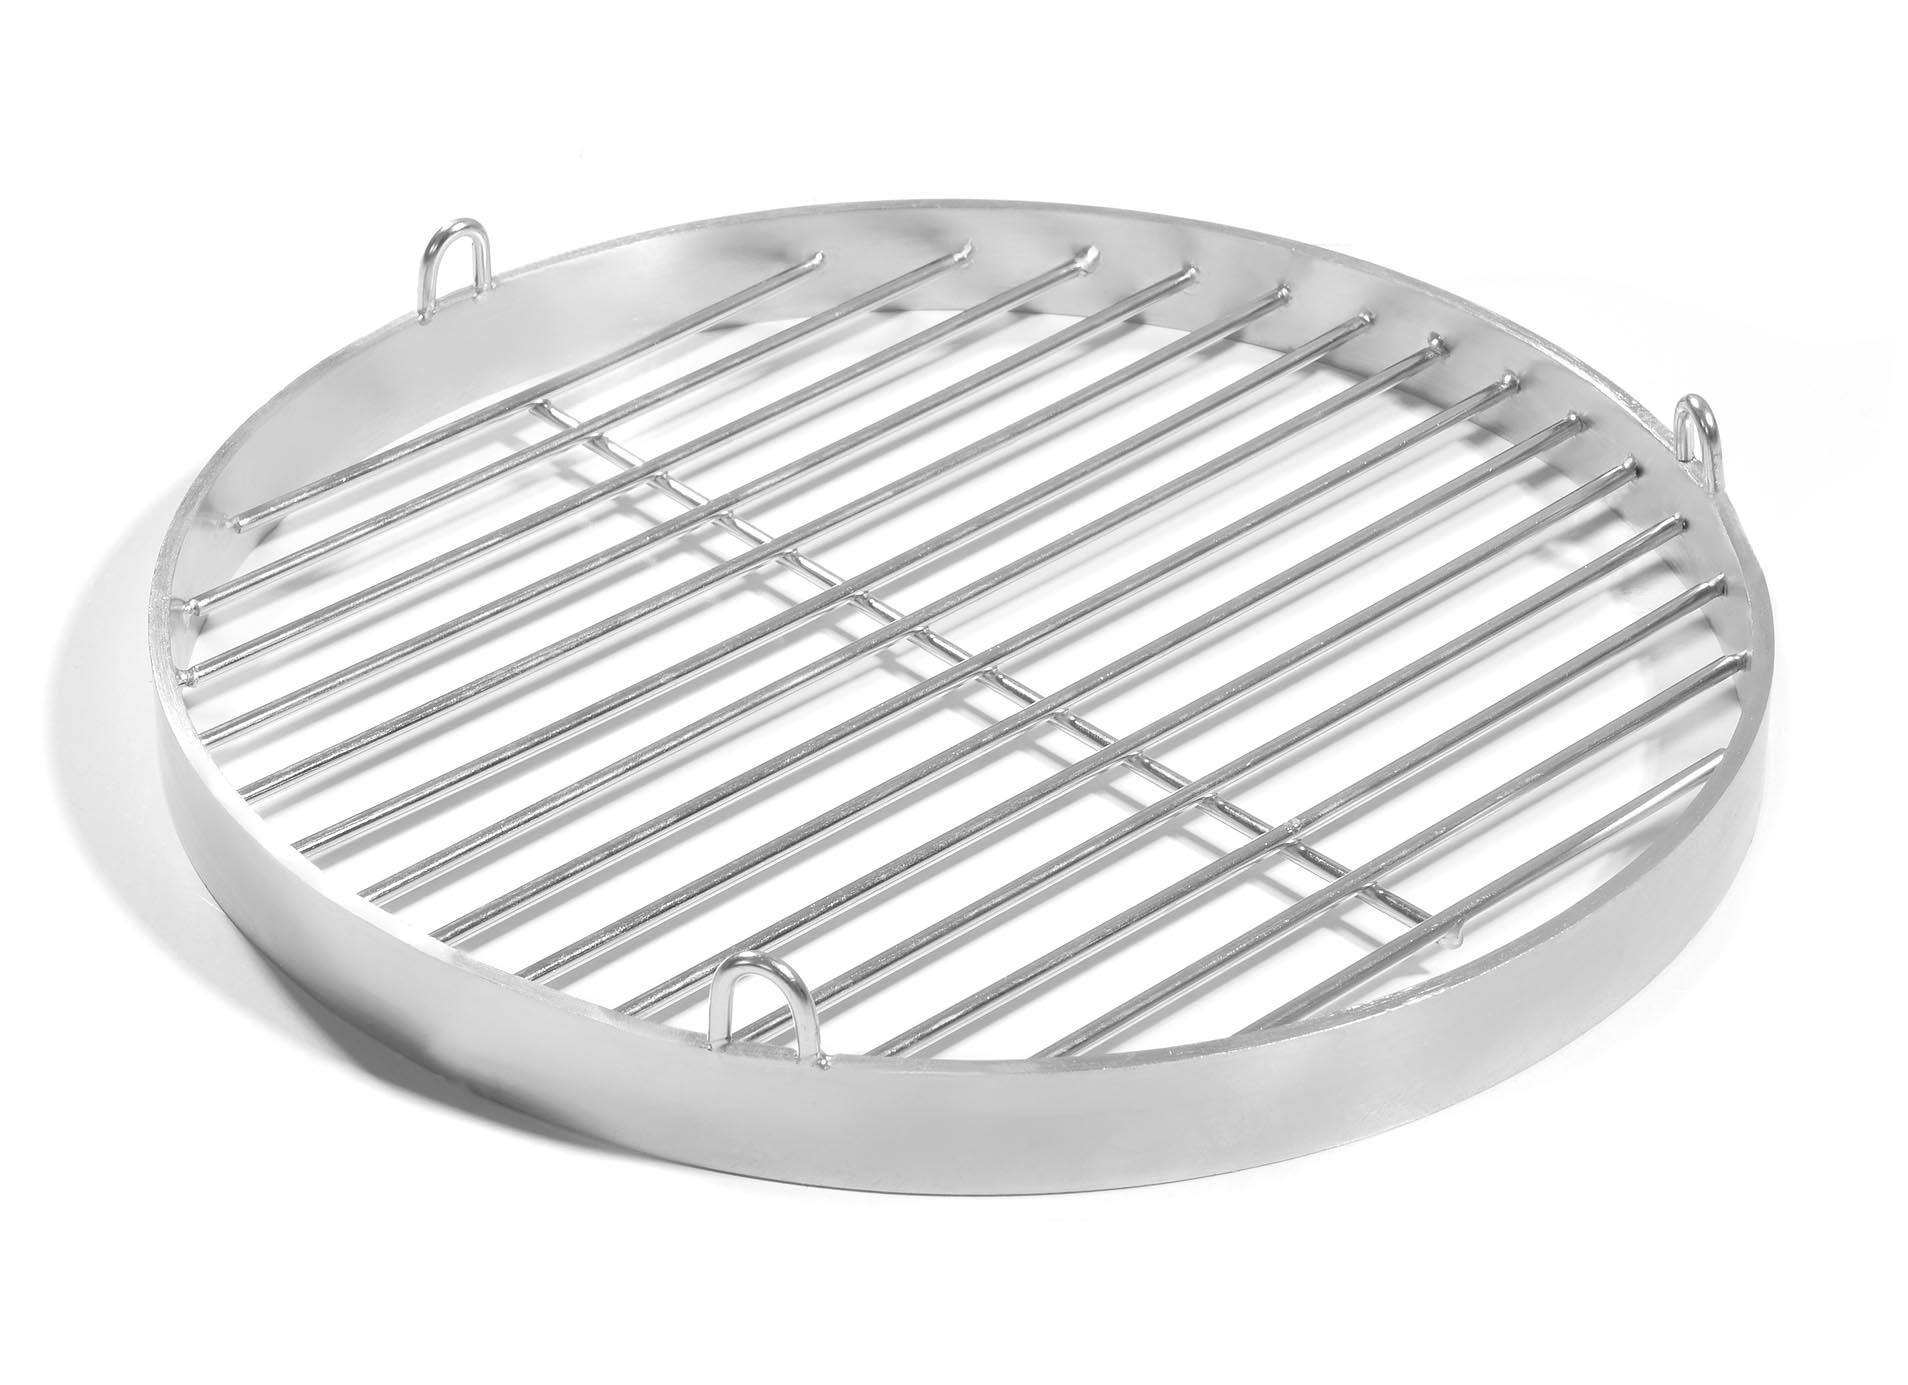 44 5cm gusseisen grill grillrost kugelgrill 47 weber ebay. Black Bedroom Furniture Sets. Home Design Ideas